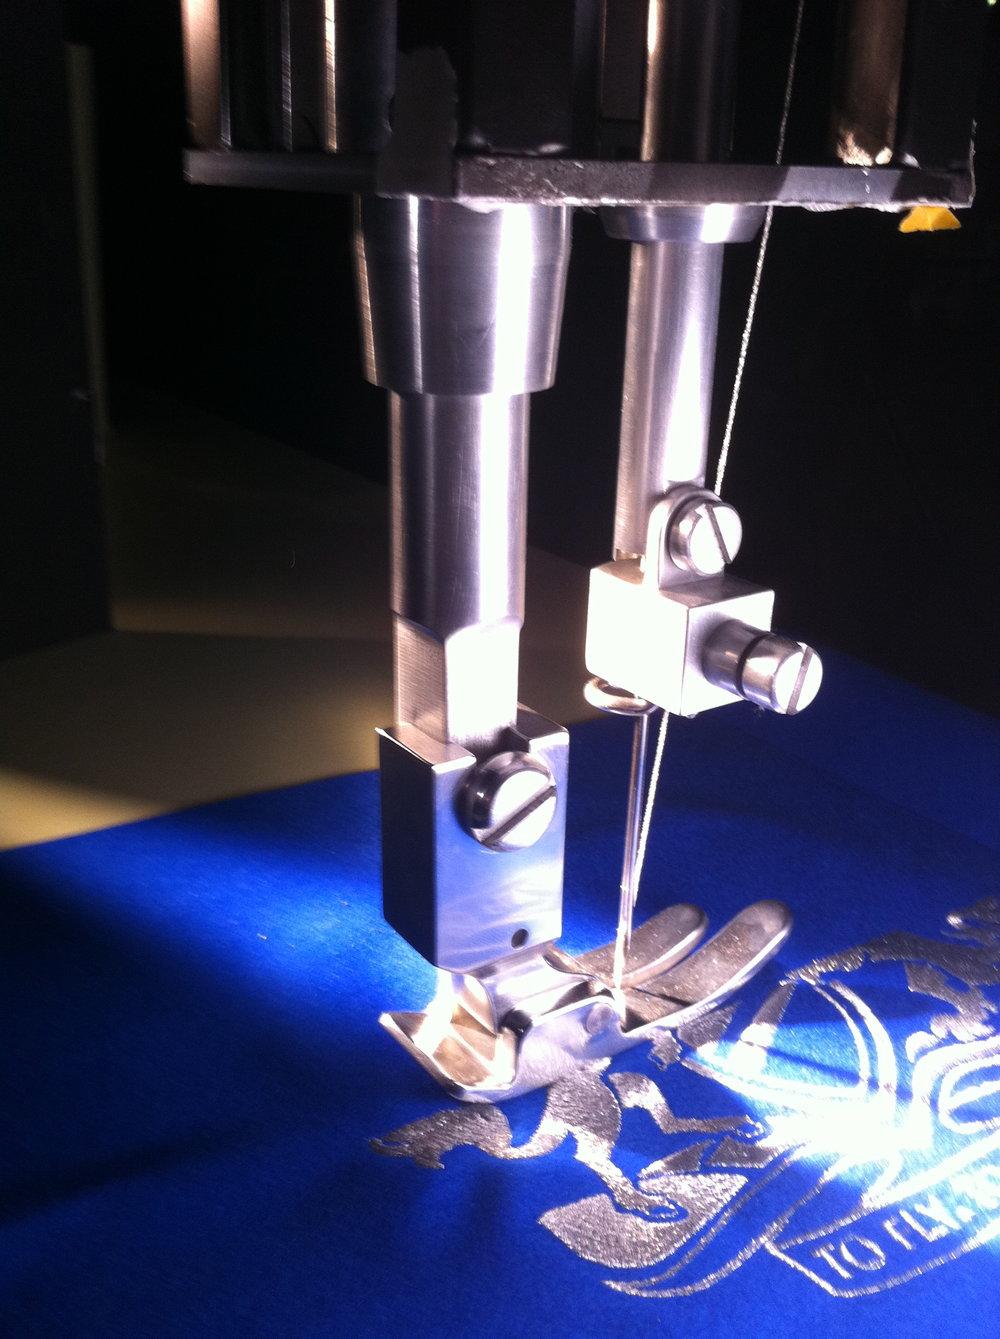 2:1 scale sewing machine for British airways advert.